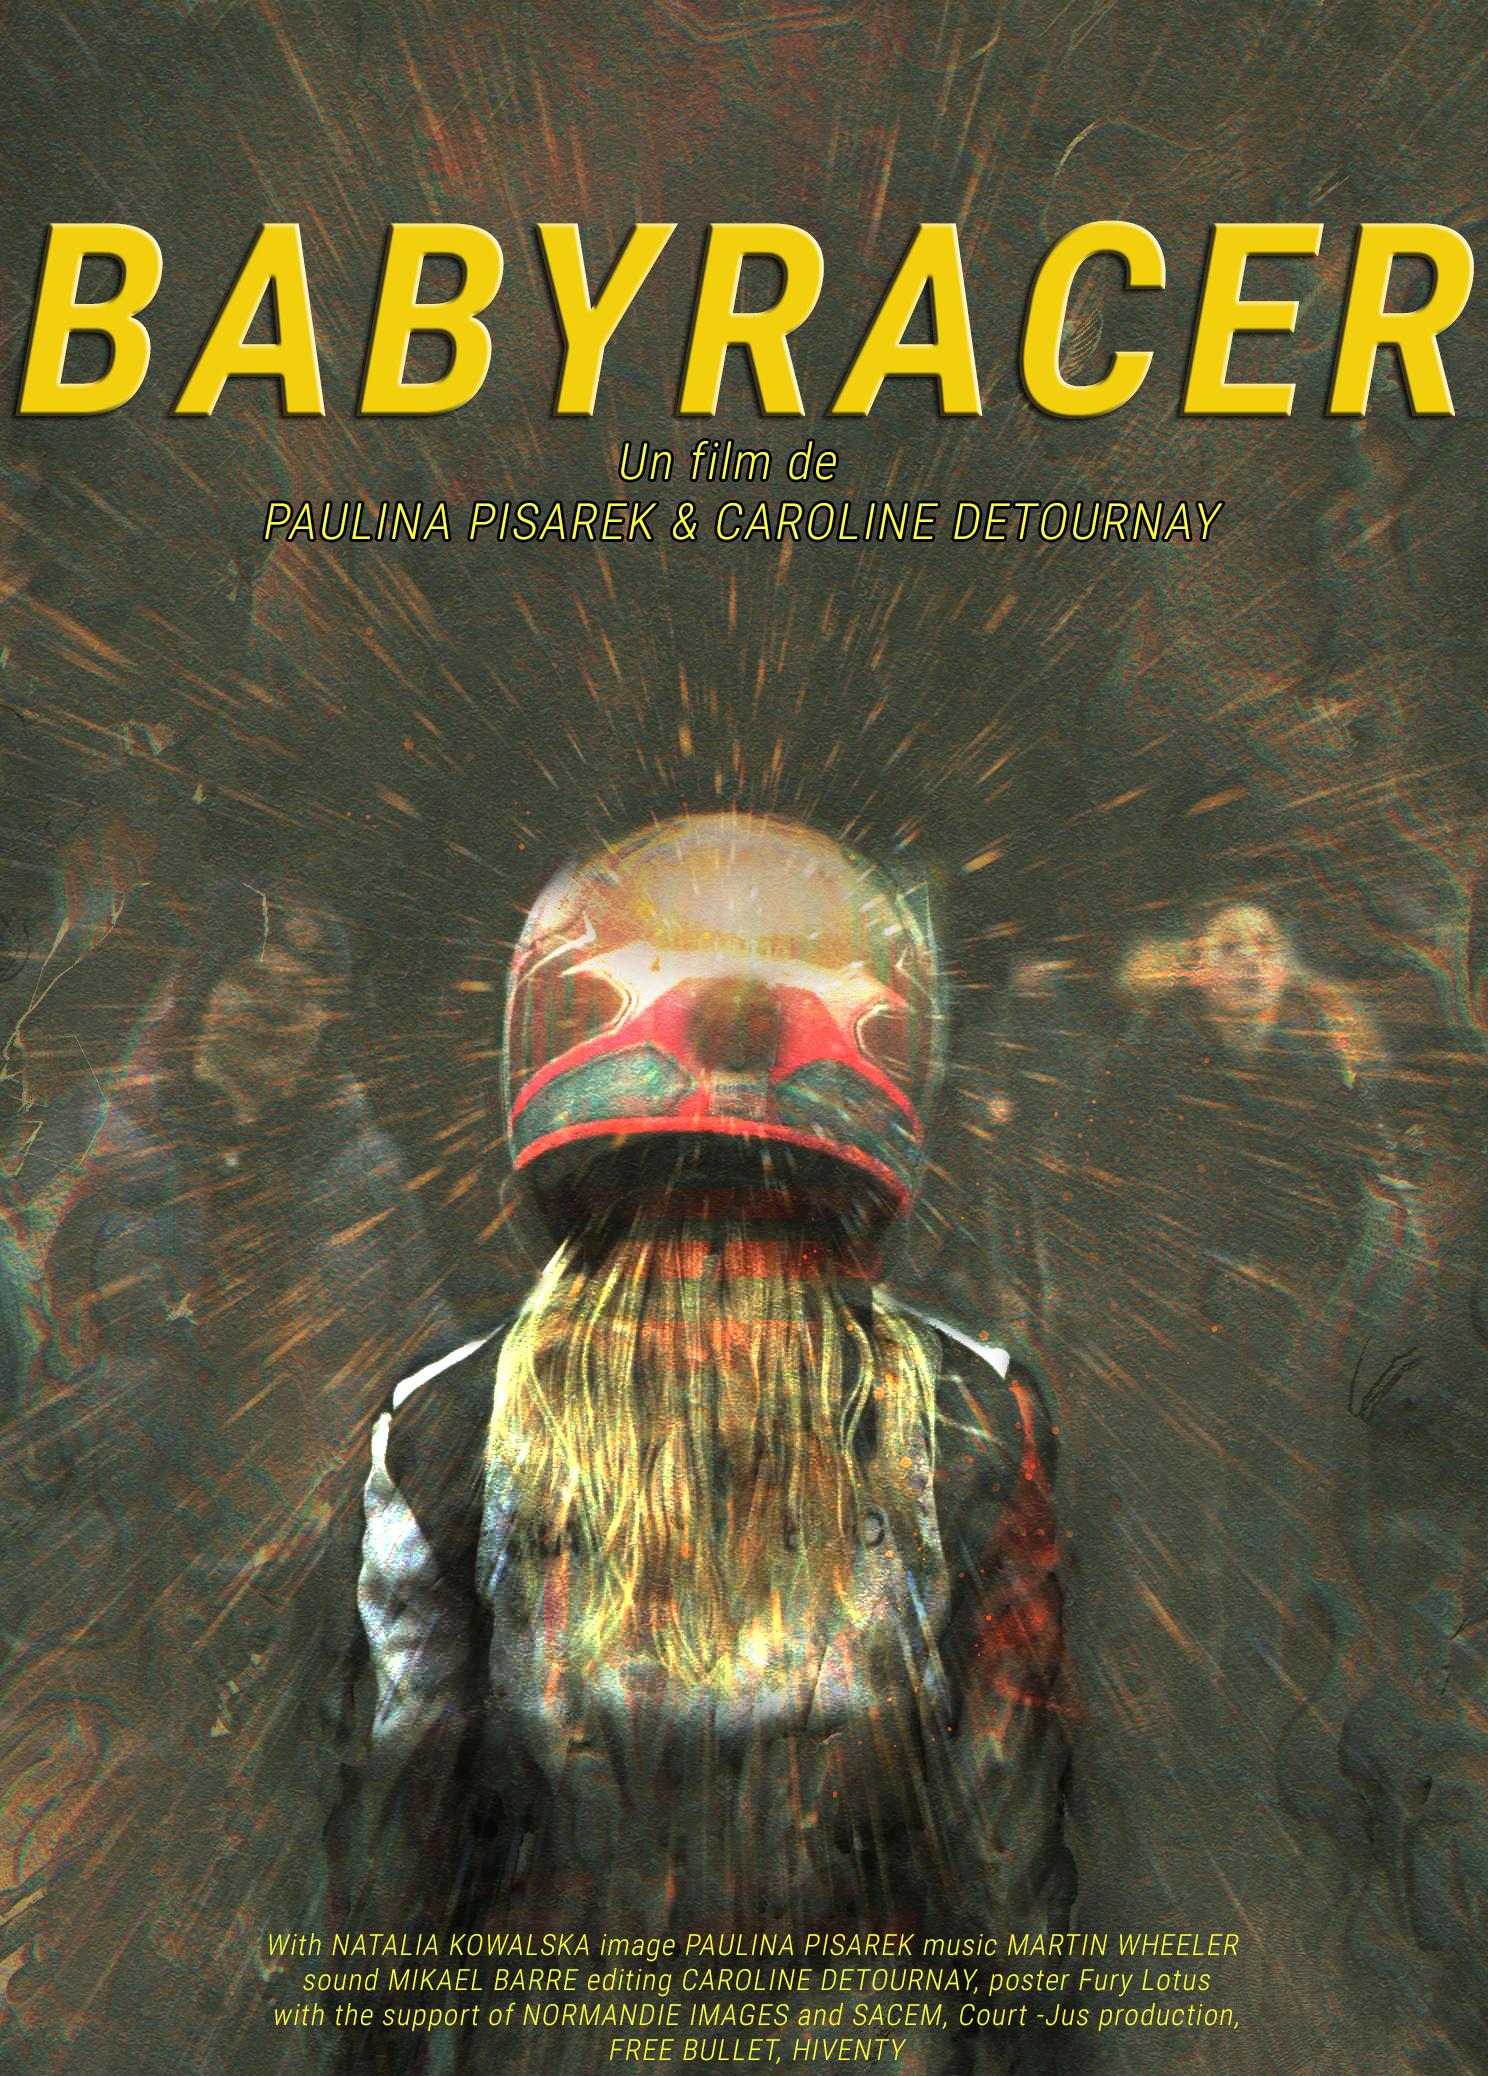 Affiche Babyracer